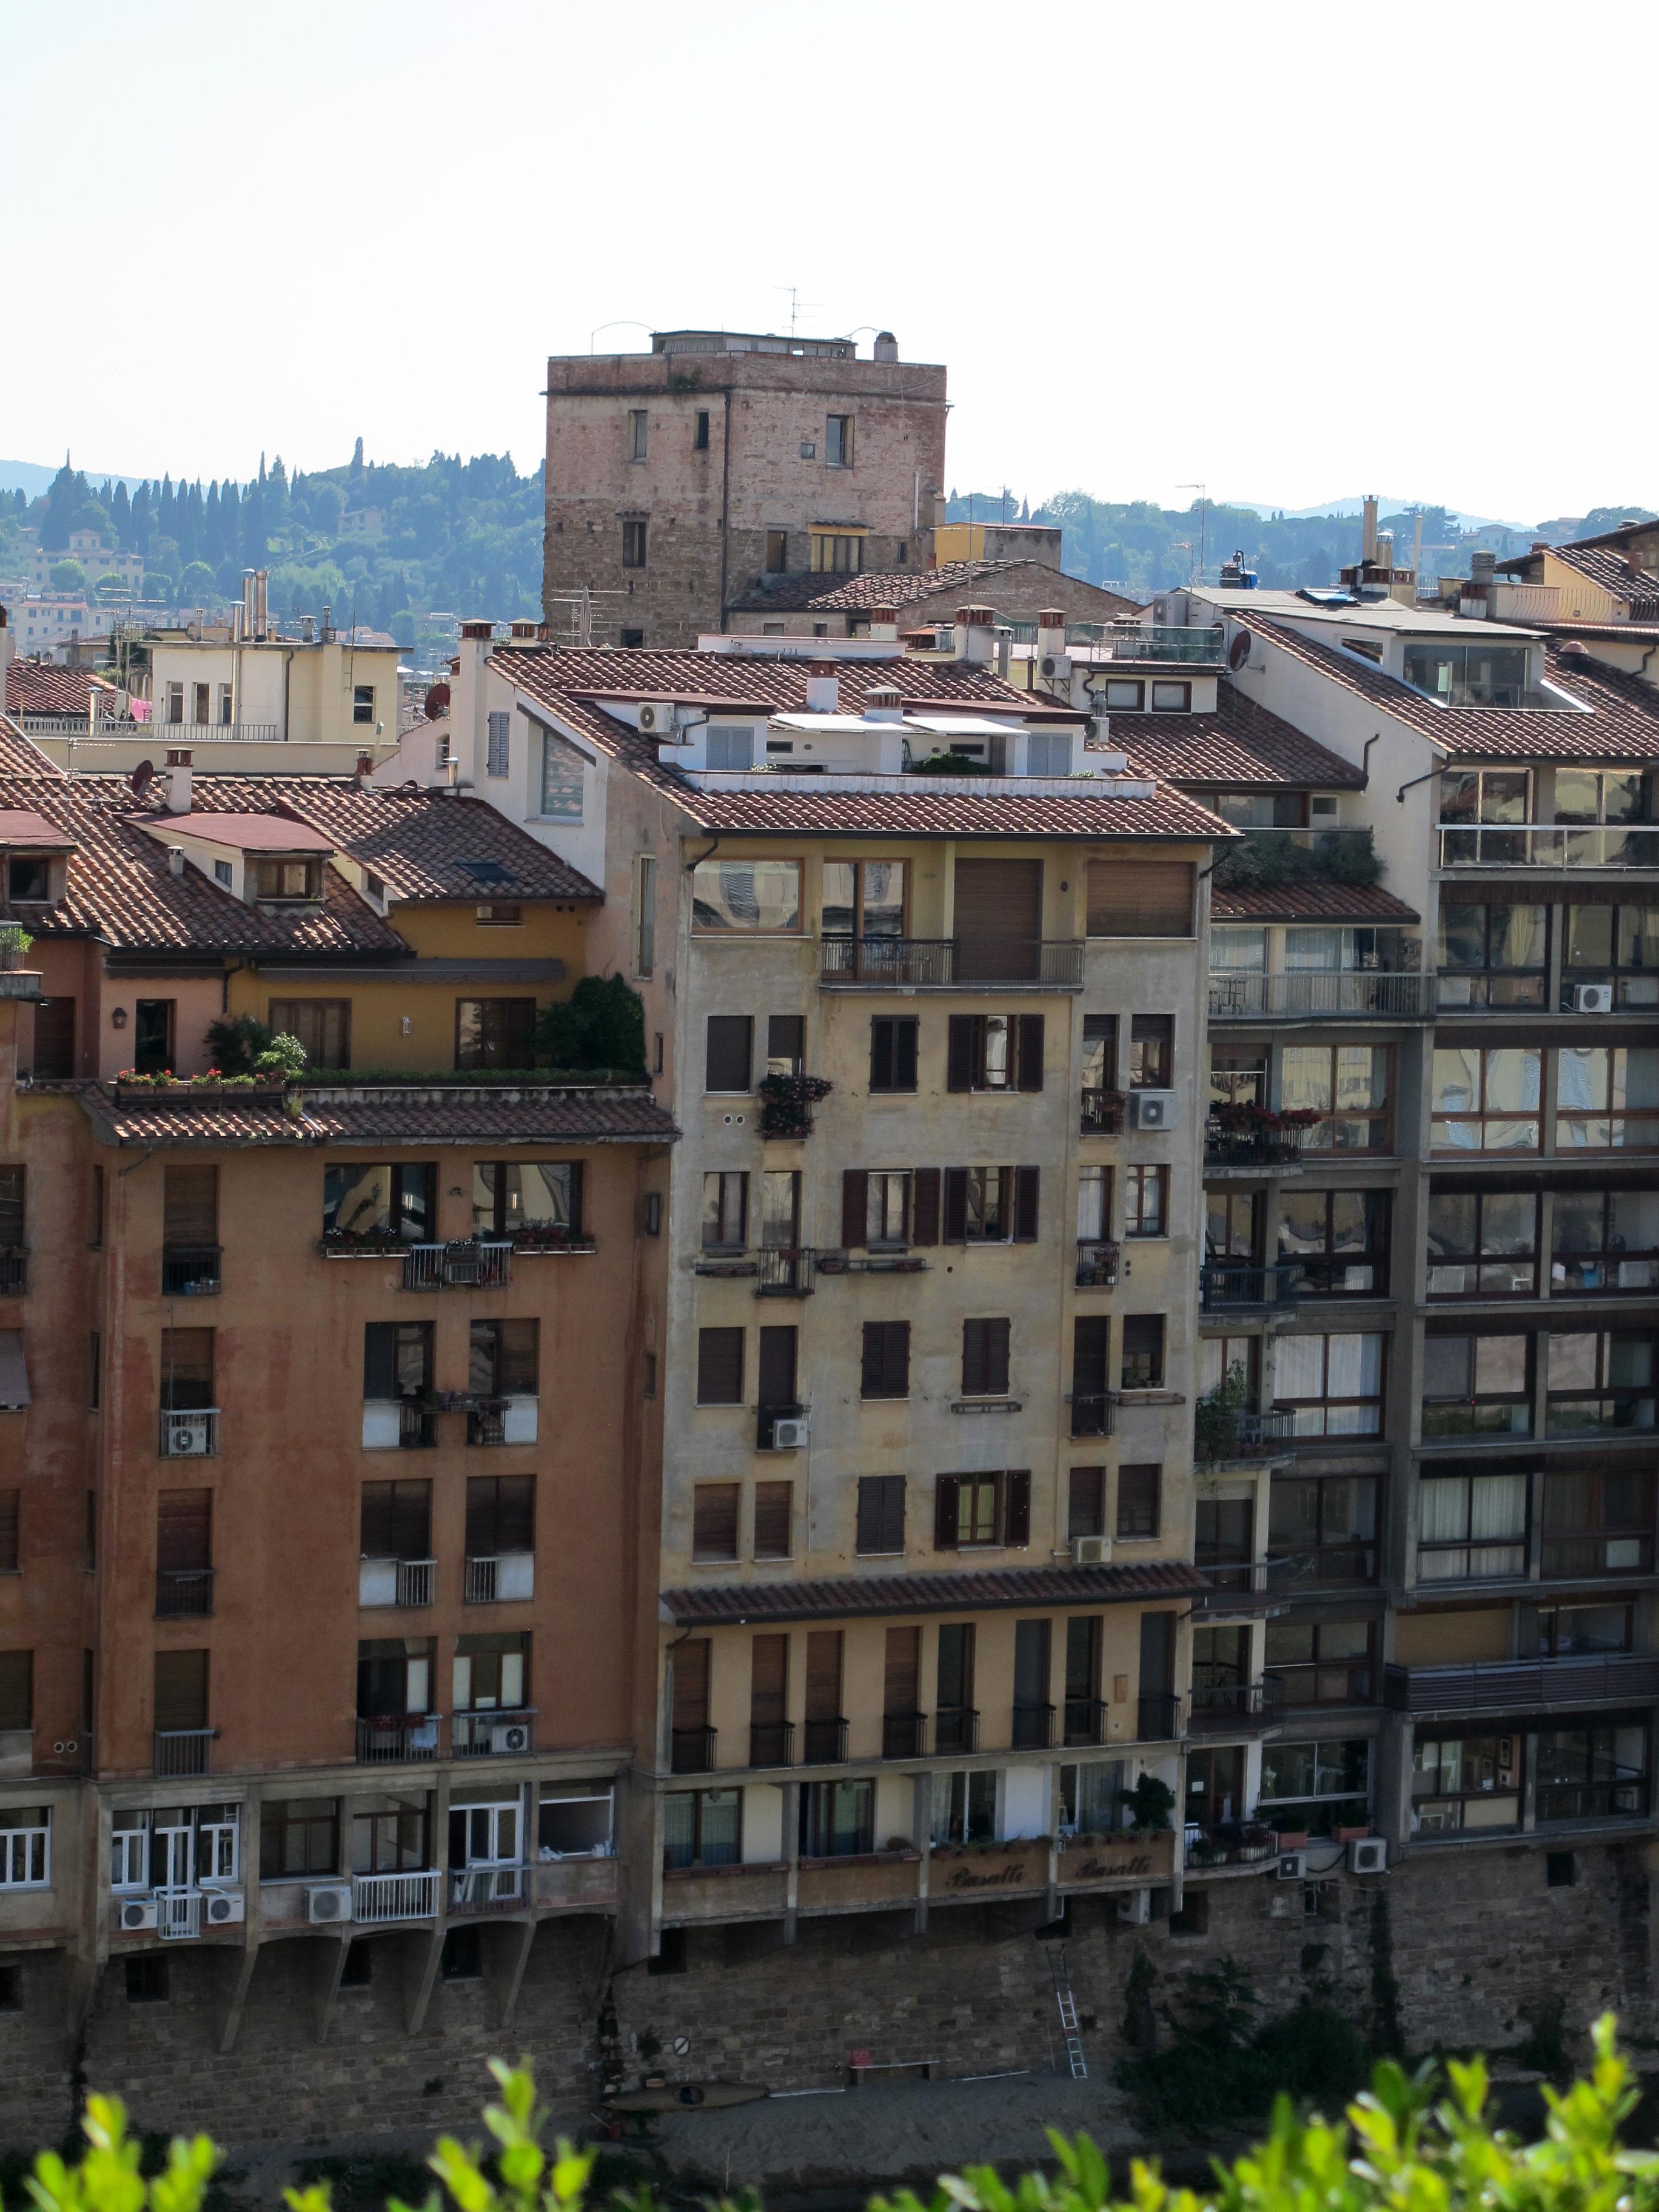 File:Edificio accanto alla torre dei consorti, veduta dalla terrazza ...